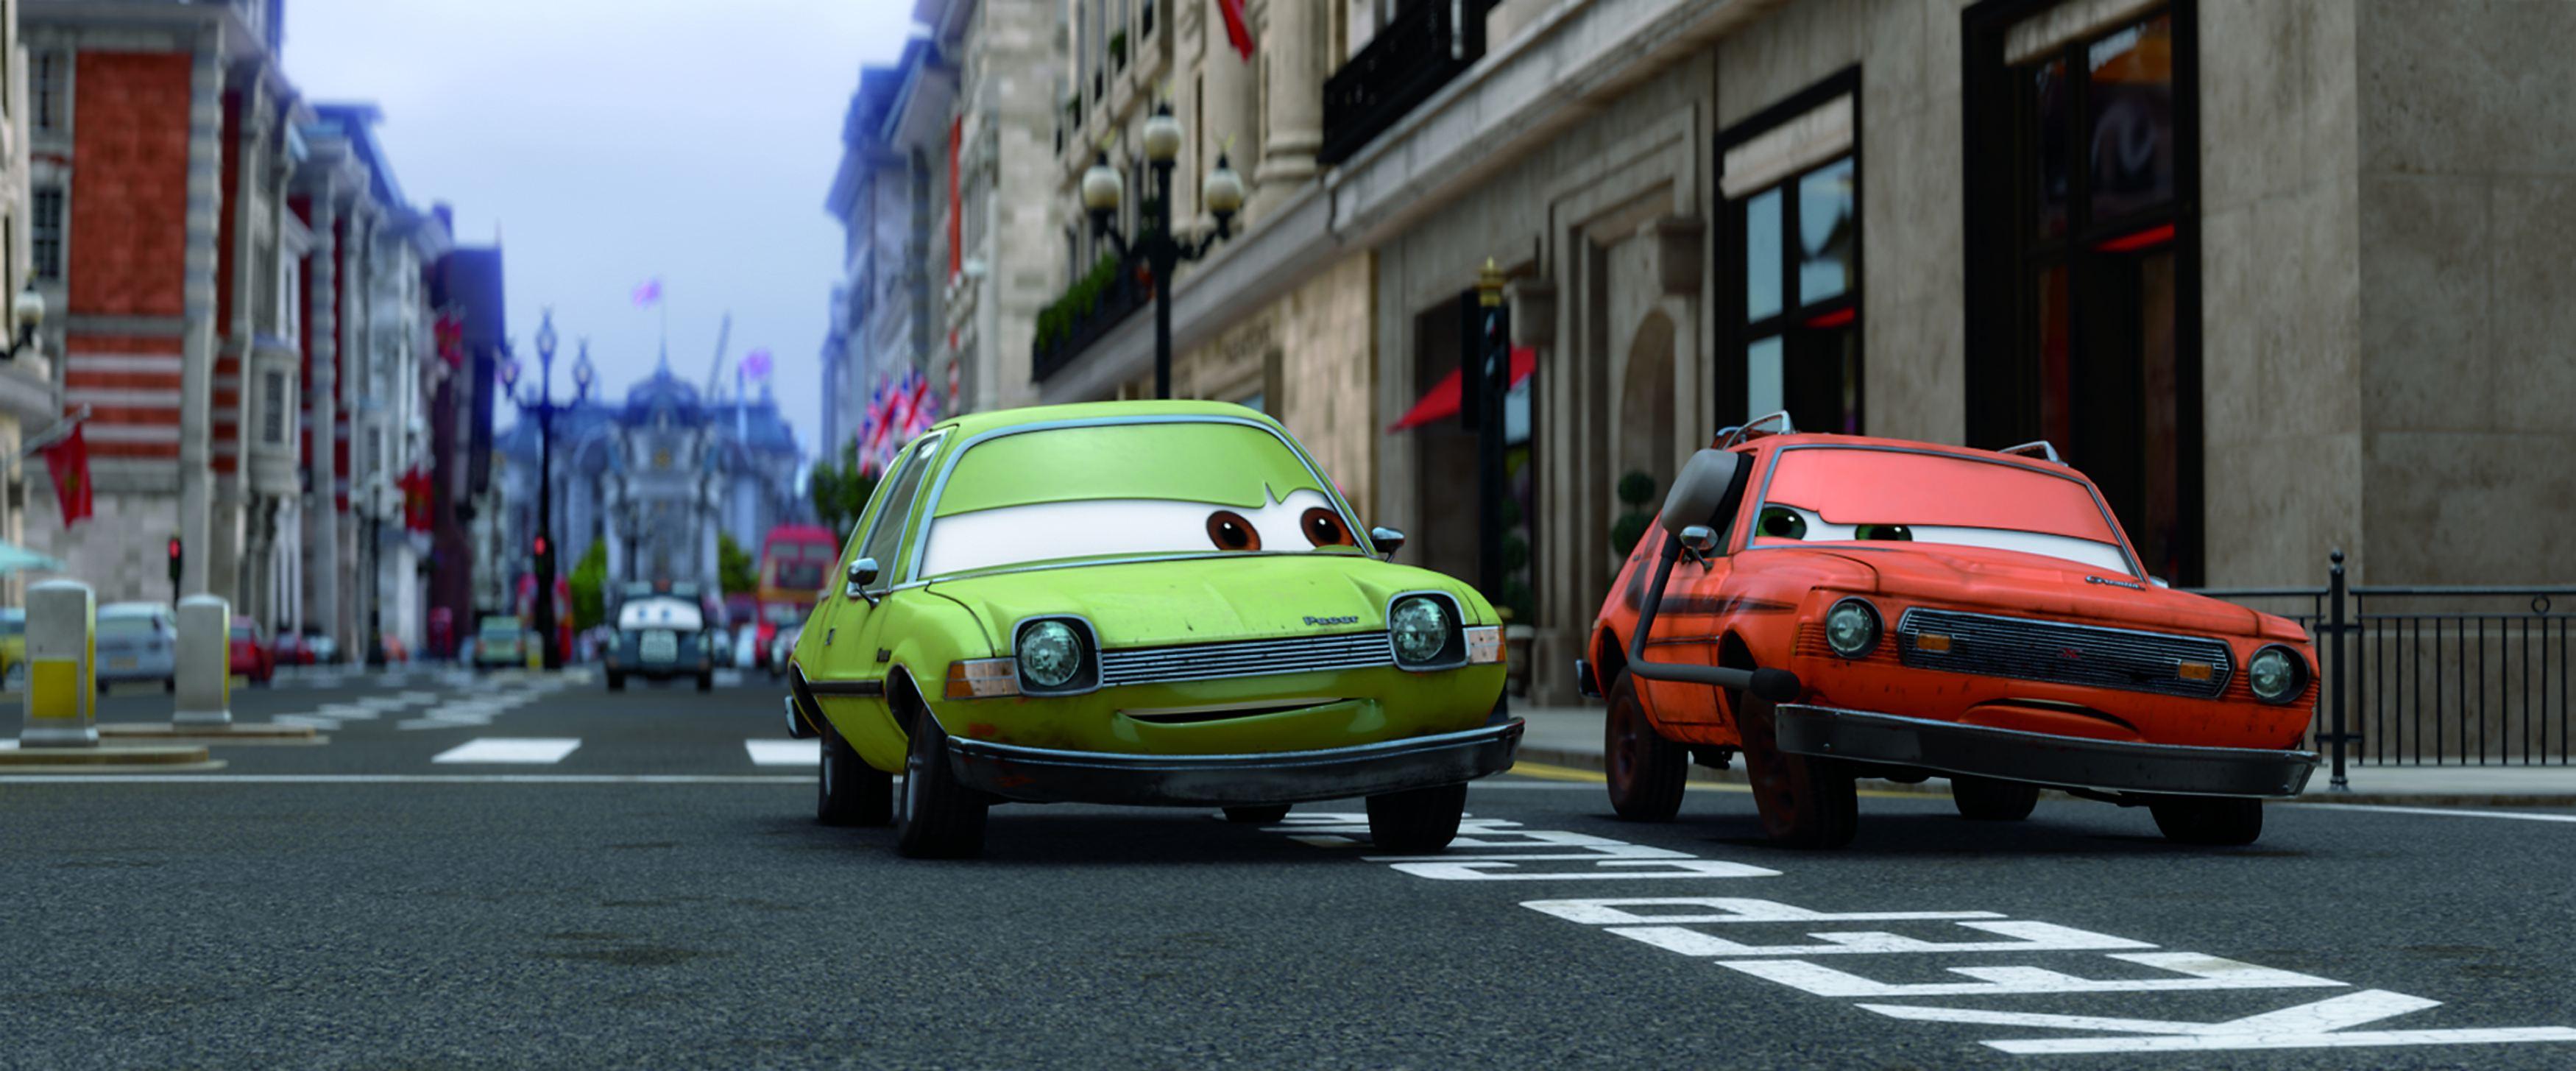 кадры из фильма Тачки 2